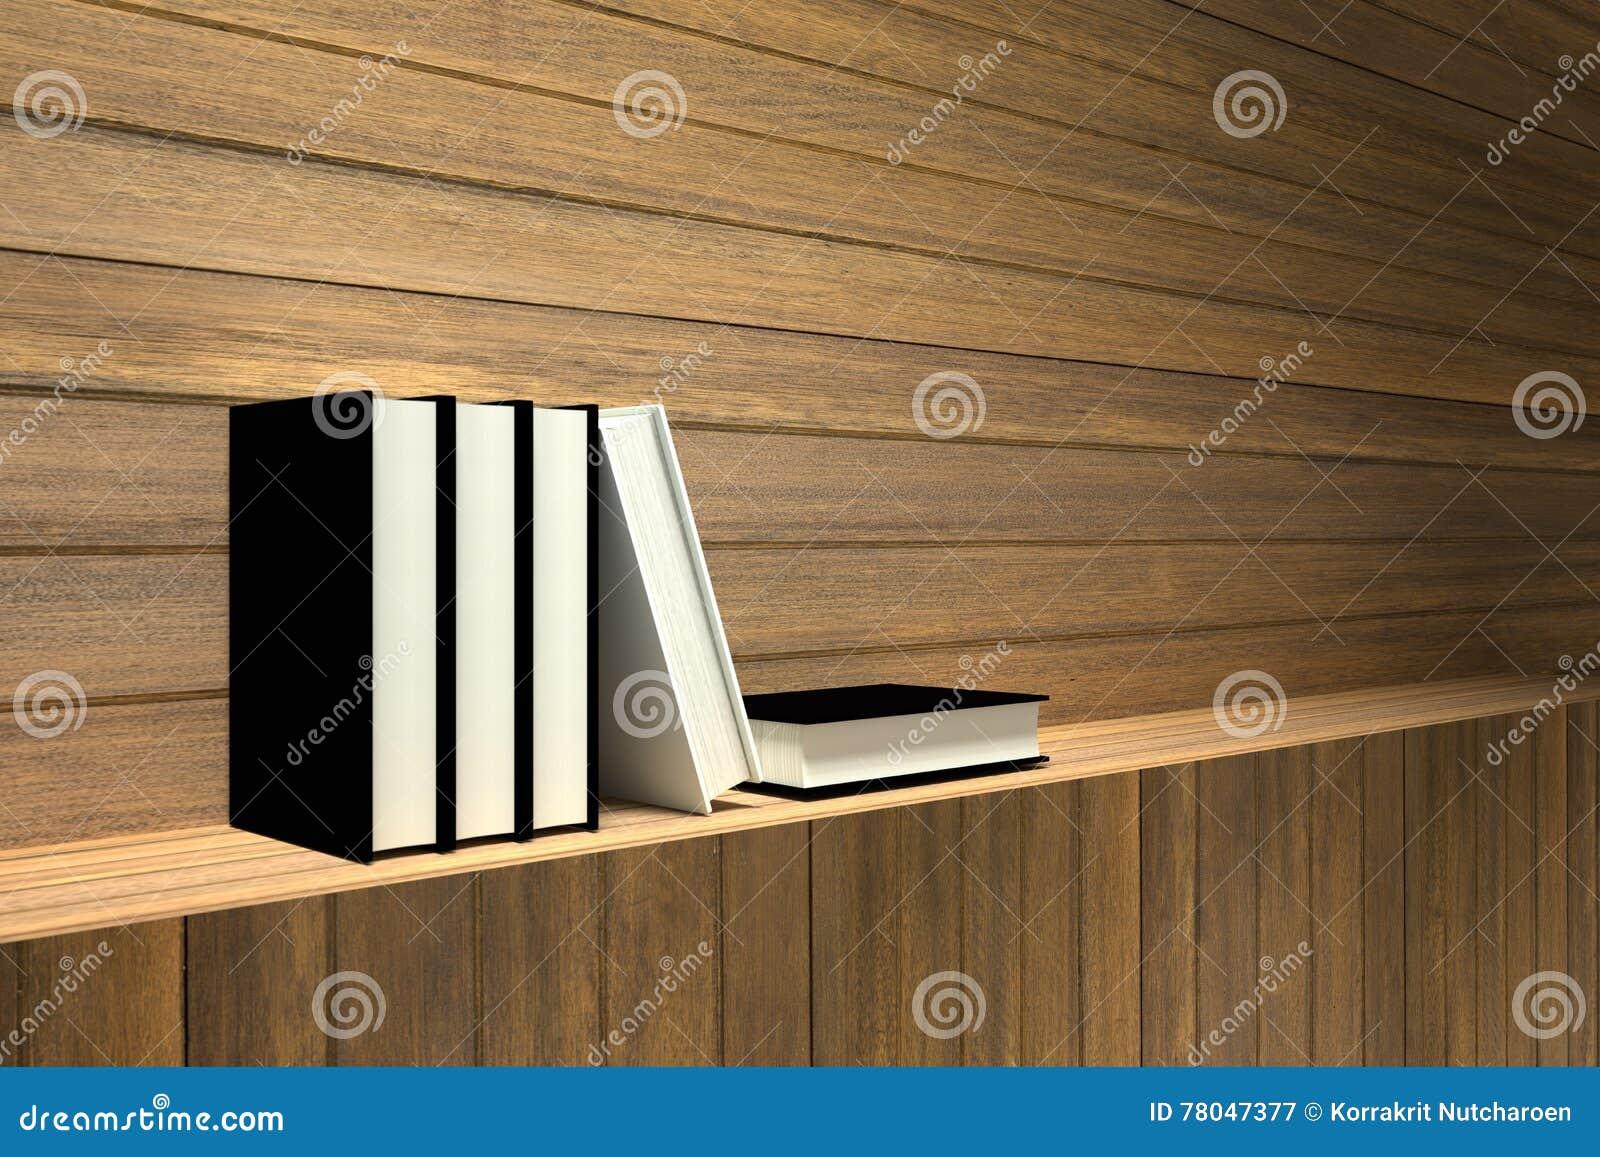 Houten Planken Tegen De Muur.Het 3d Teruggeven Illustratie Van Boeken Op Houten Plank Of Houten